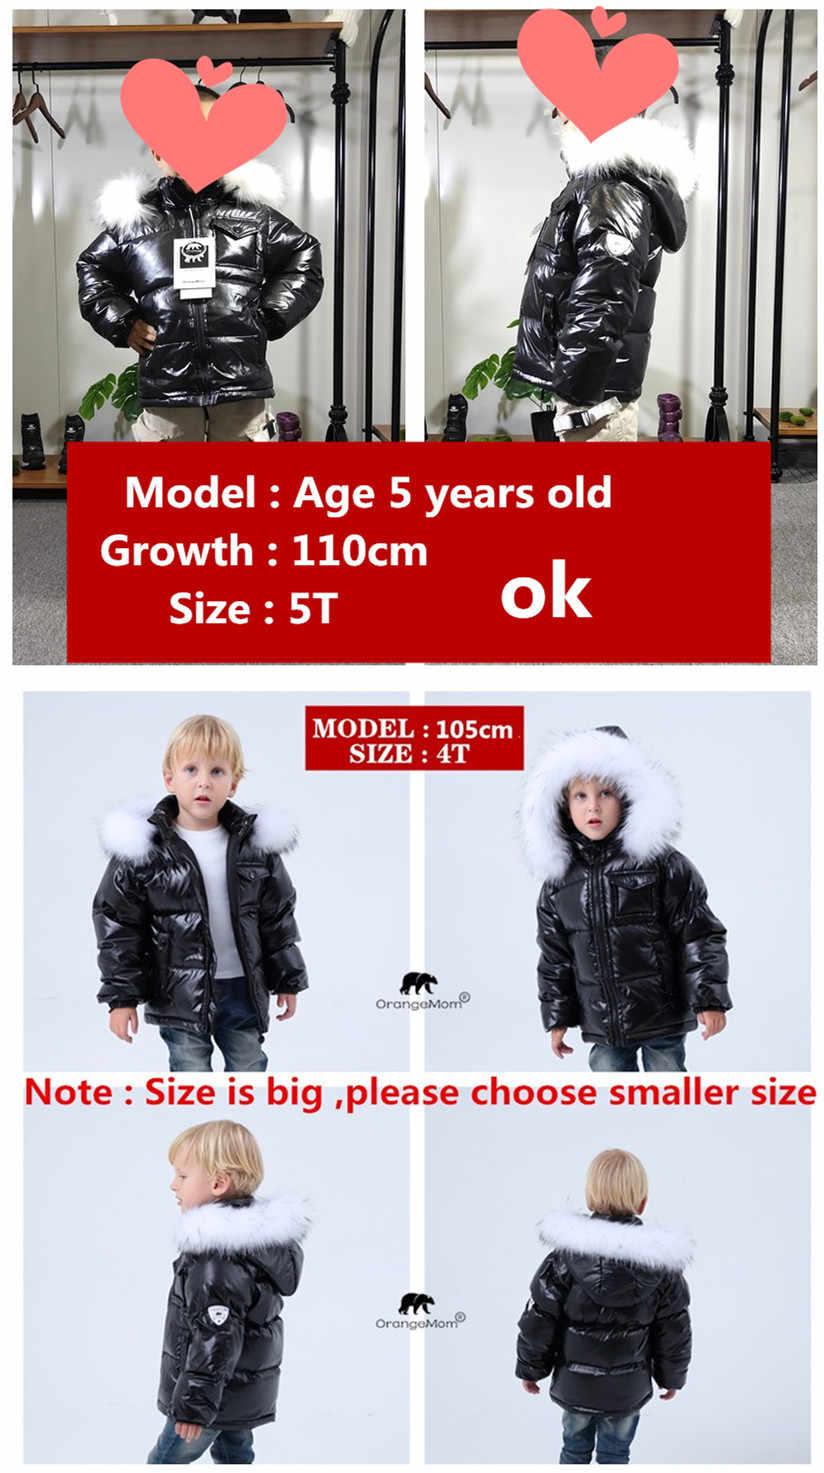 جاكيت شتوي 2019 سترة باركا للأولاد ، سترات بناتي 90% ملابس للأطفال ملابس ثلوج للأطفال ملابس خارجية للأطفال الصغار